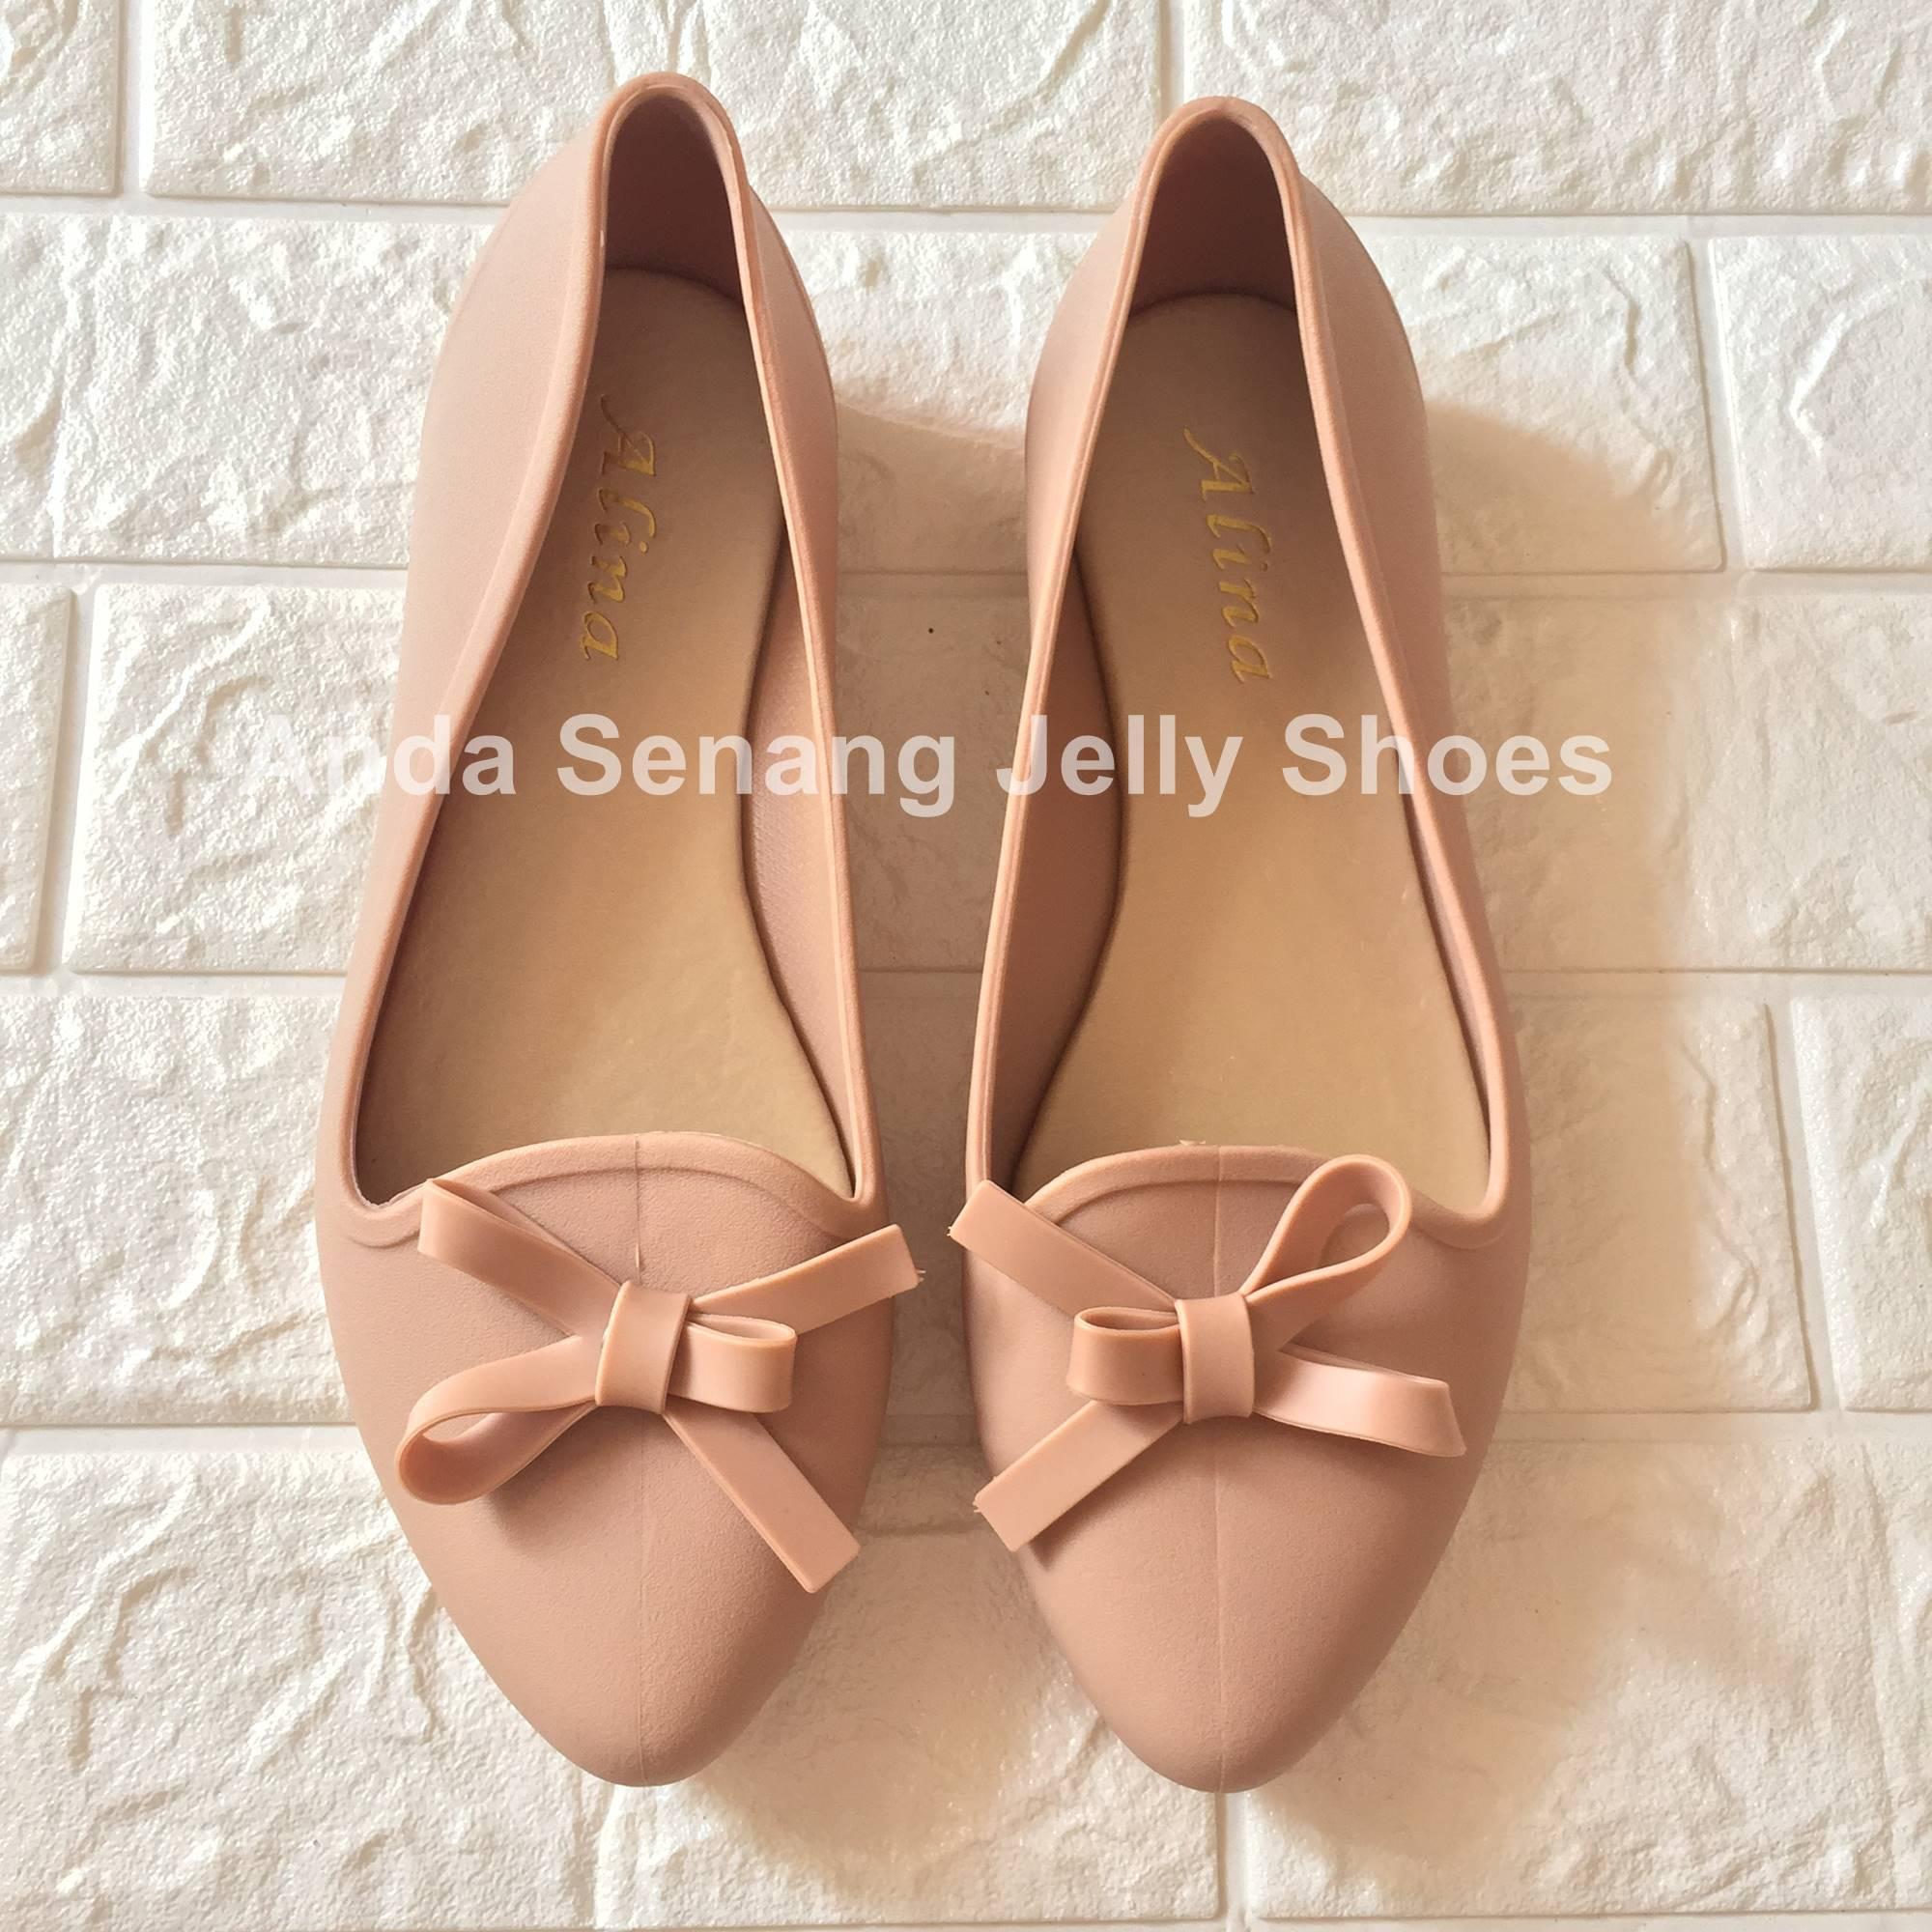 Termurah Sepatu Wanita Kerja Sepatu Flat Jelly Shoes Pita Ribbon Flat Shoes Wanita